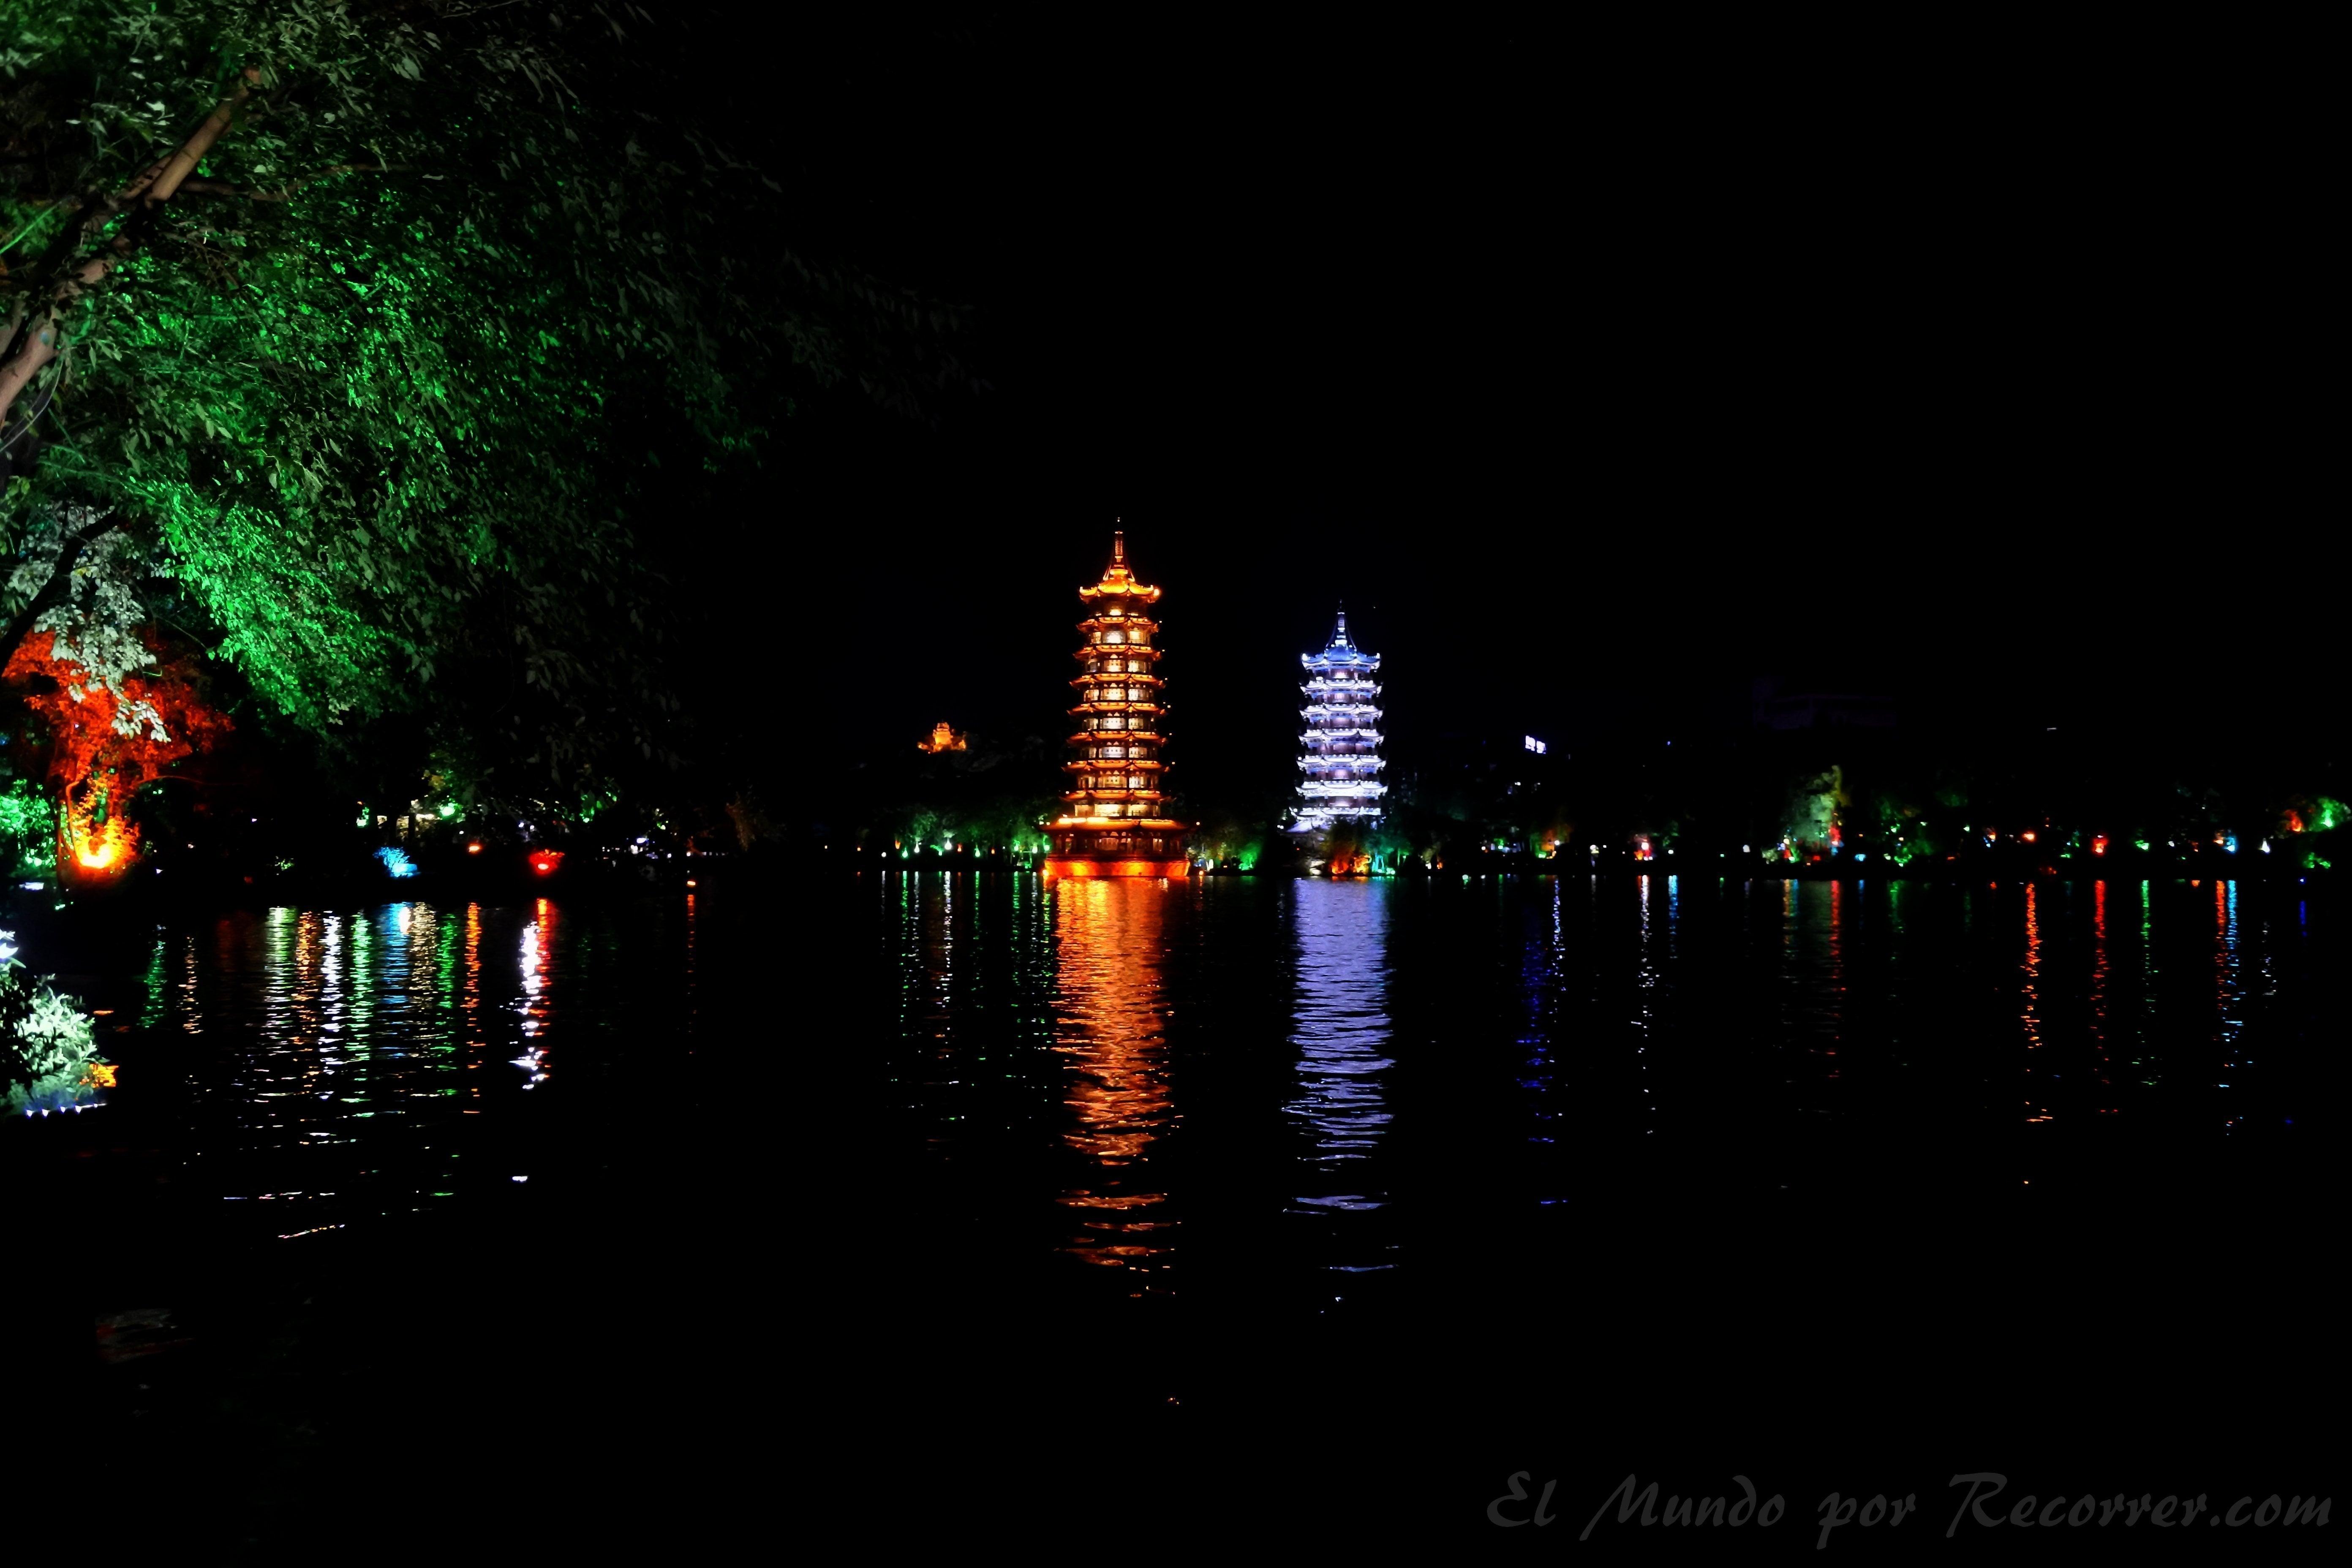 La torre del Sol y la Luna en el lago Shun Hu